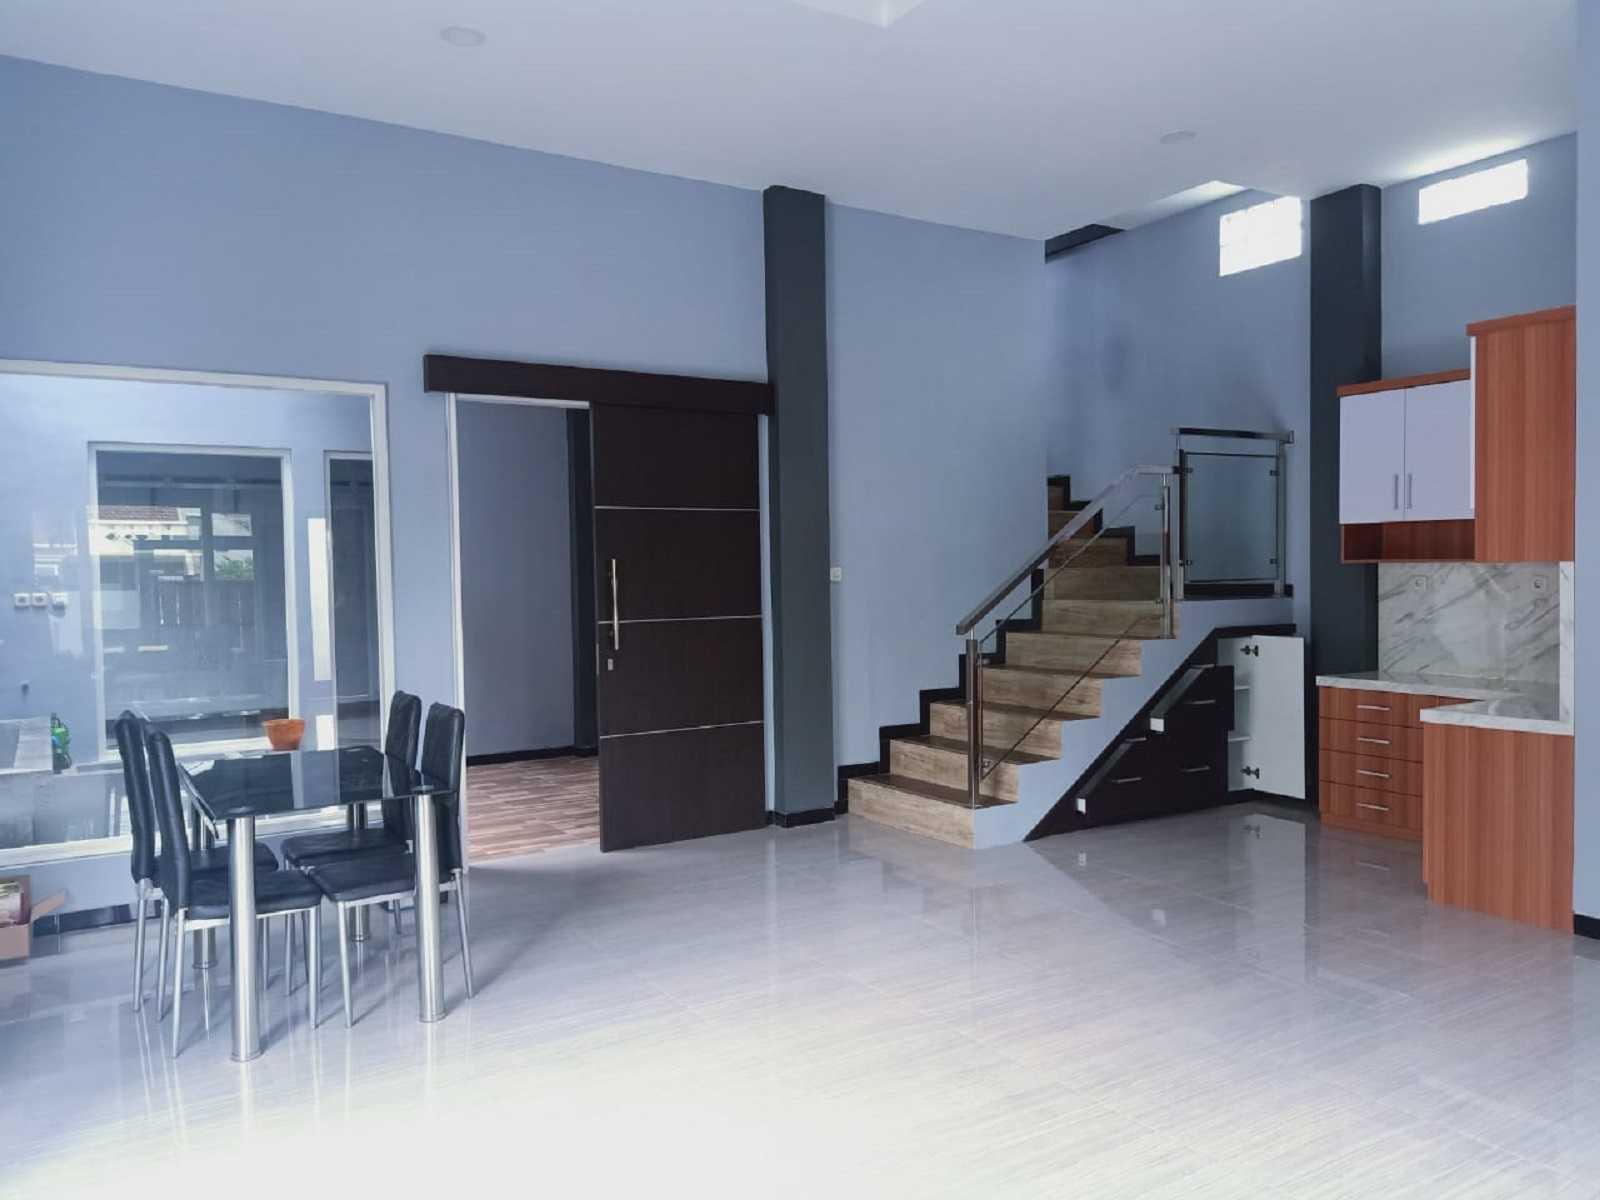 Metom Design Rumah Ibu Dian Y Malang, Kota Malang, Jawa Timur, Indonesia Malang, Kota Malang, Jawa Timur, Indonesia Metom-Design-Interior-Ibu-Dian-Y   98947